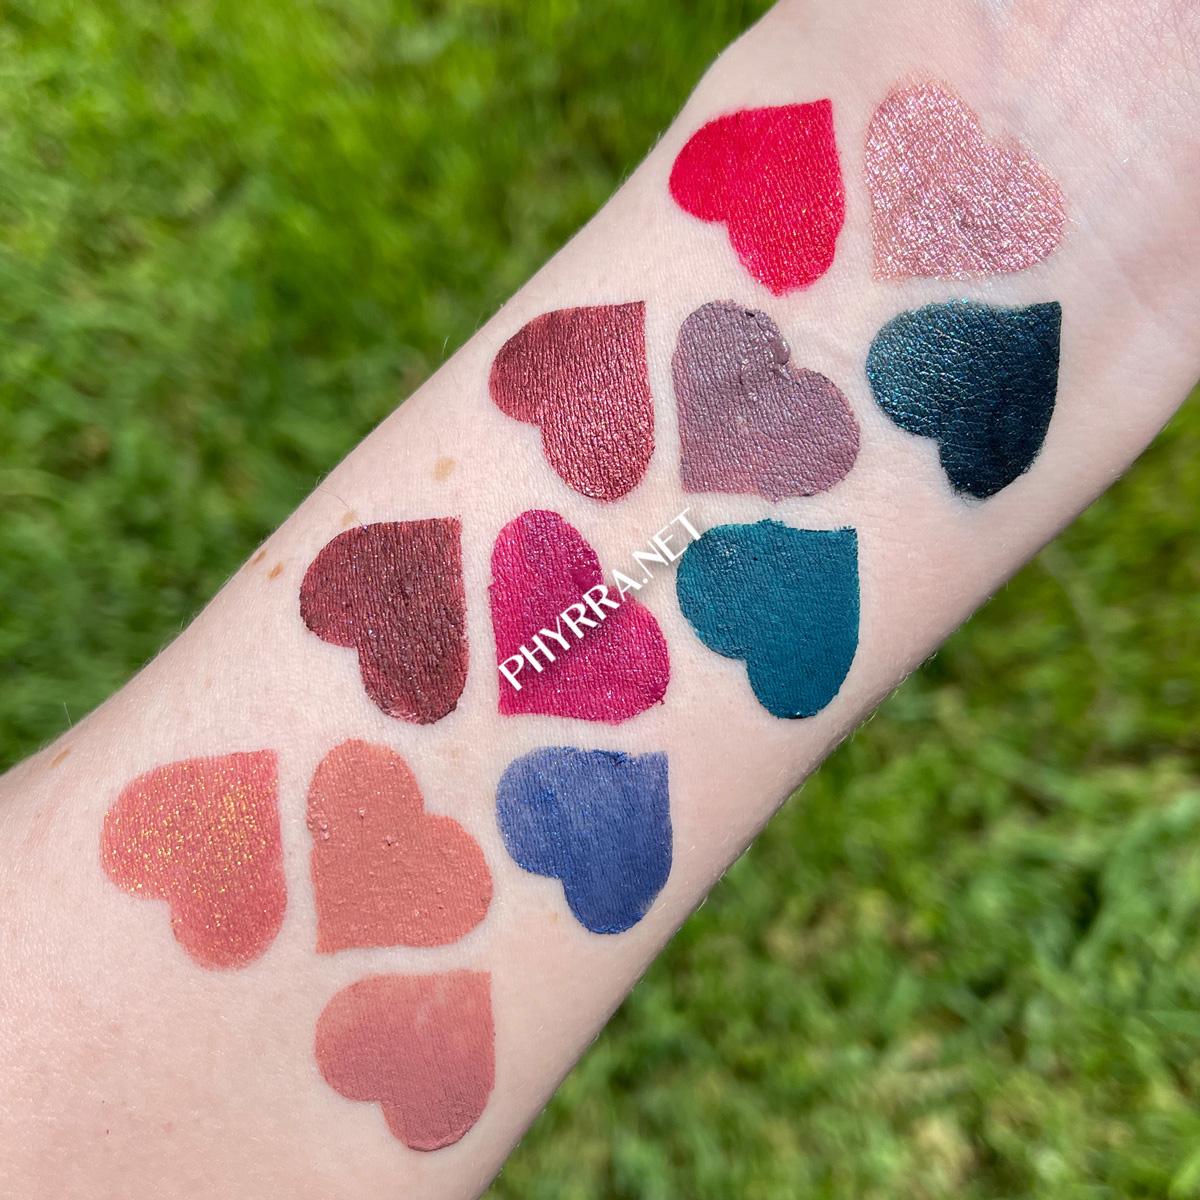 Pale Skin Sugarpill Liquid Lip Color Swatches